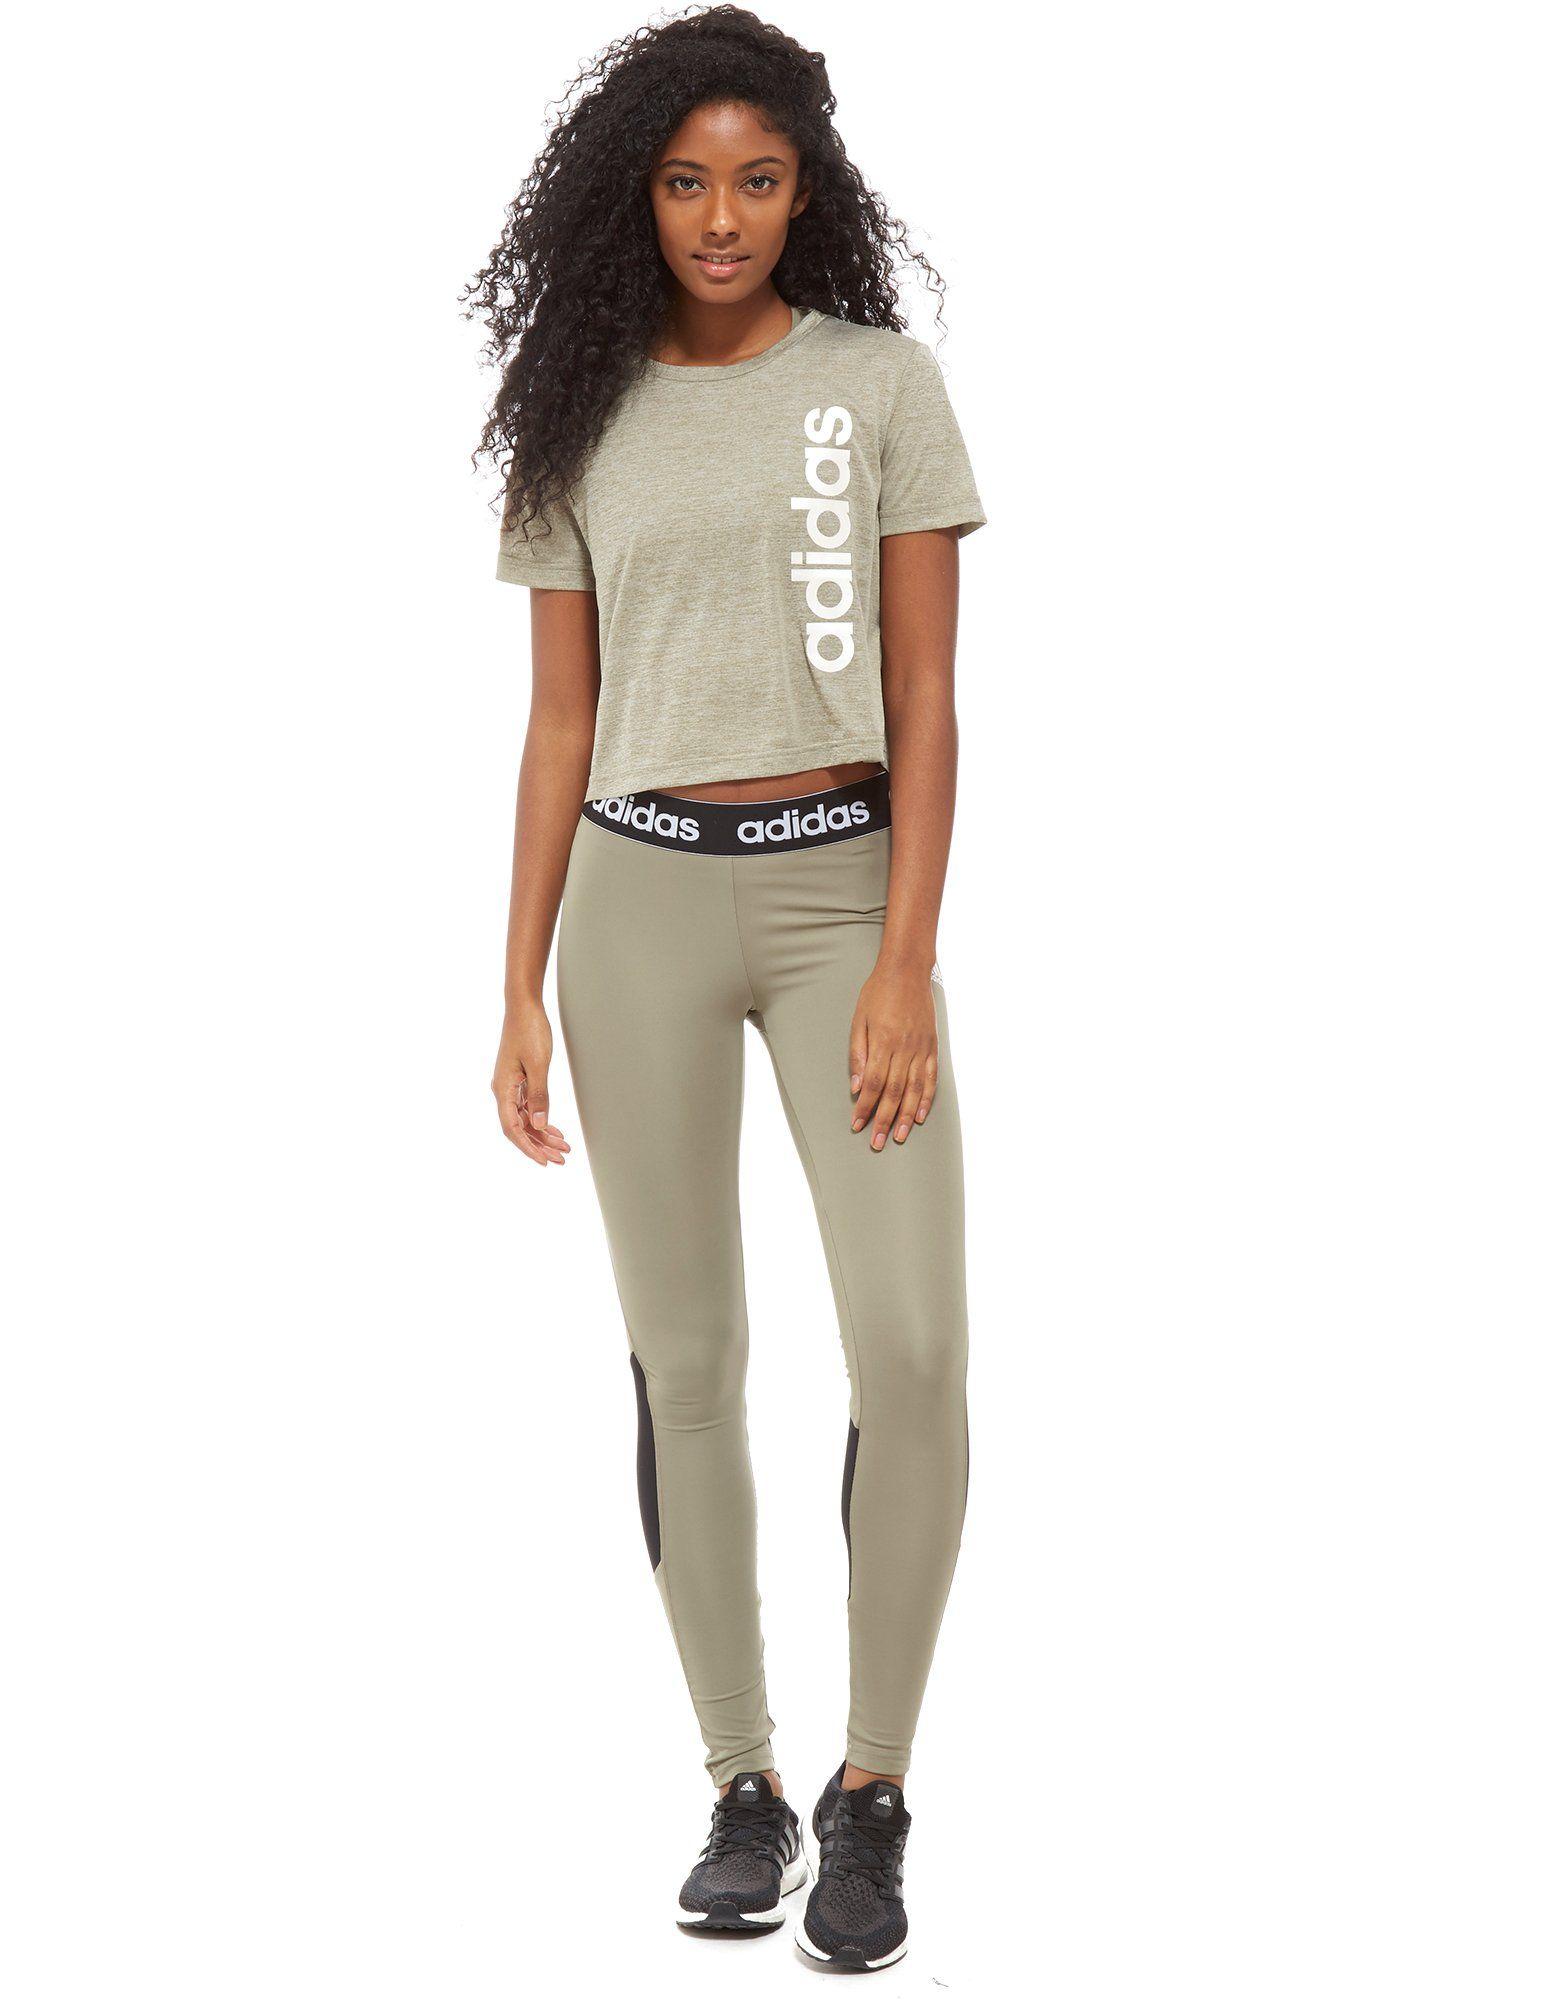 Günstig Kaufen Ausgezeichnet adidas Linear Crop T-Shirt Grün Freies Verschiffen Sehr Billig Freiraum 100% Original o7Allx